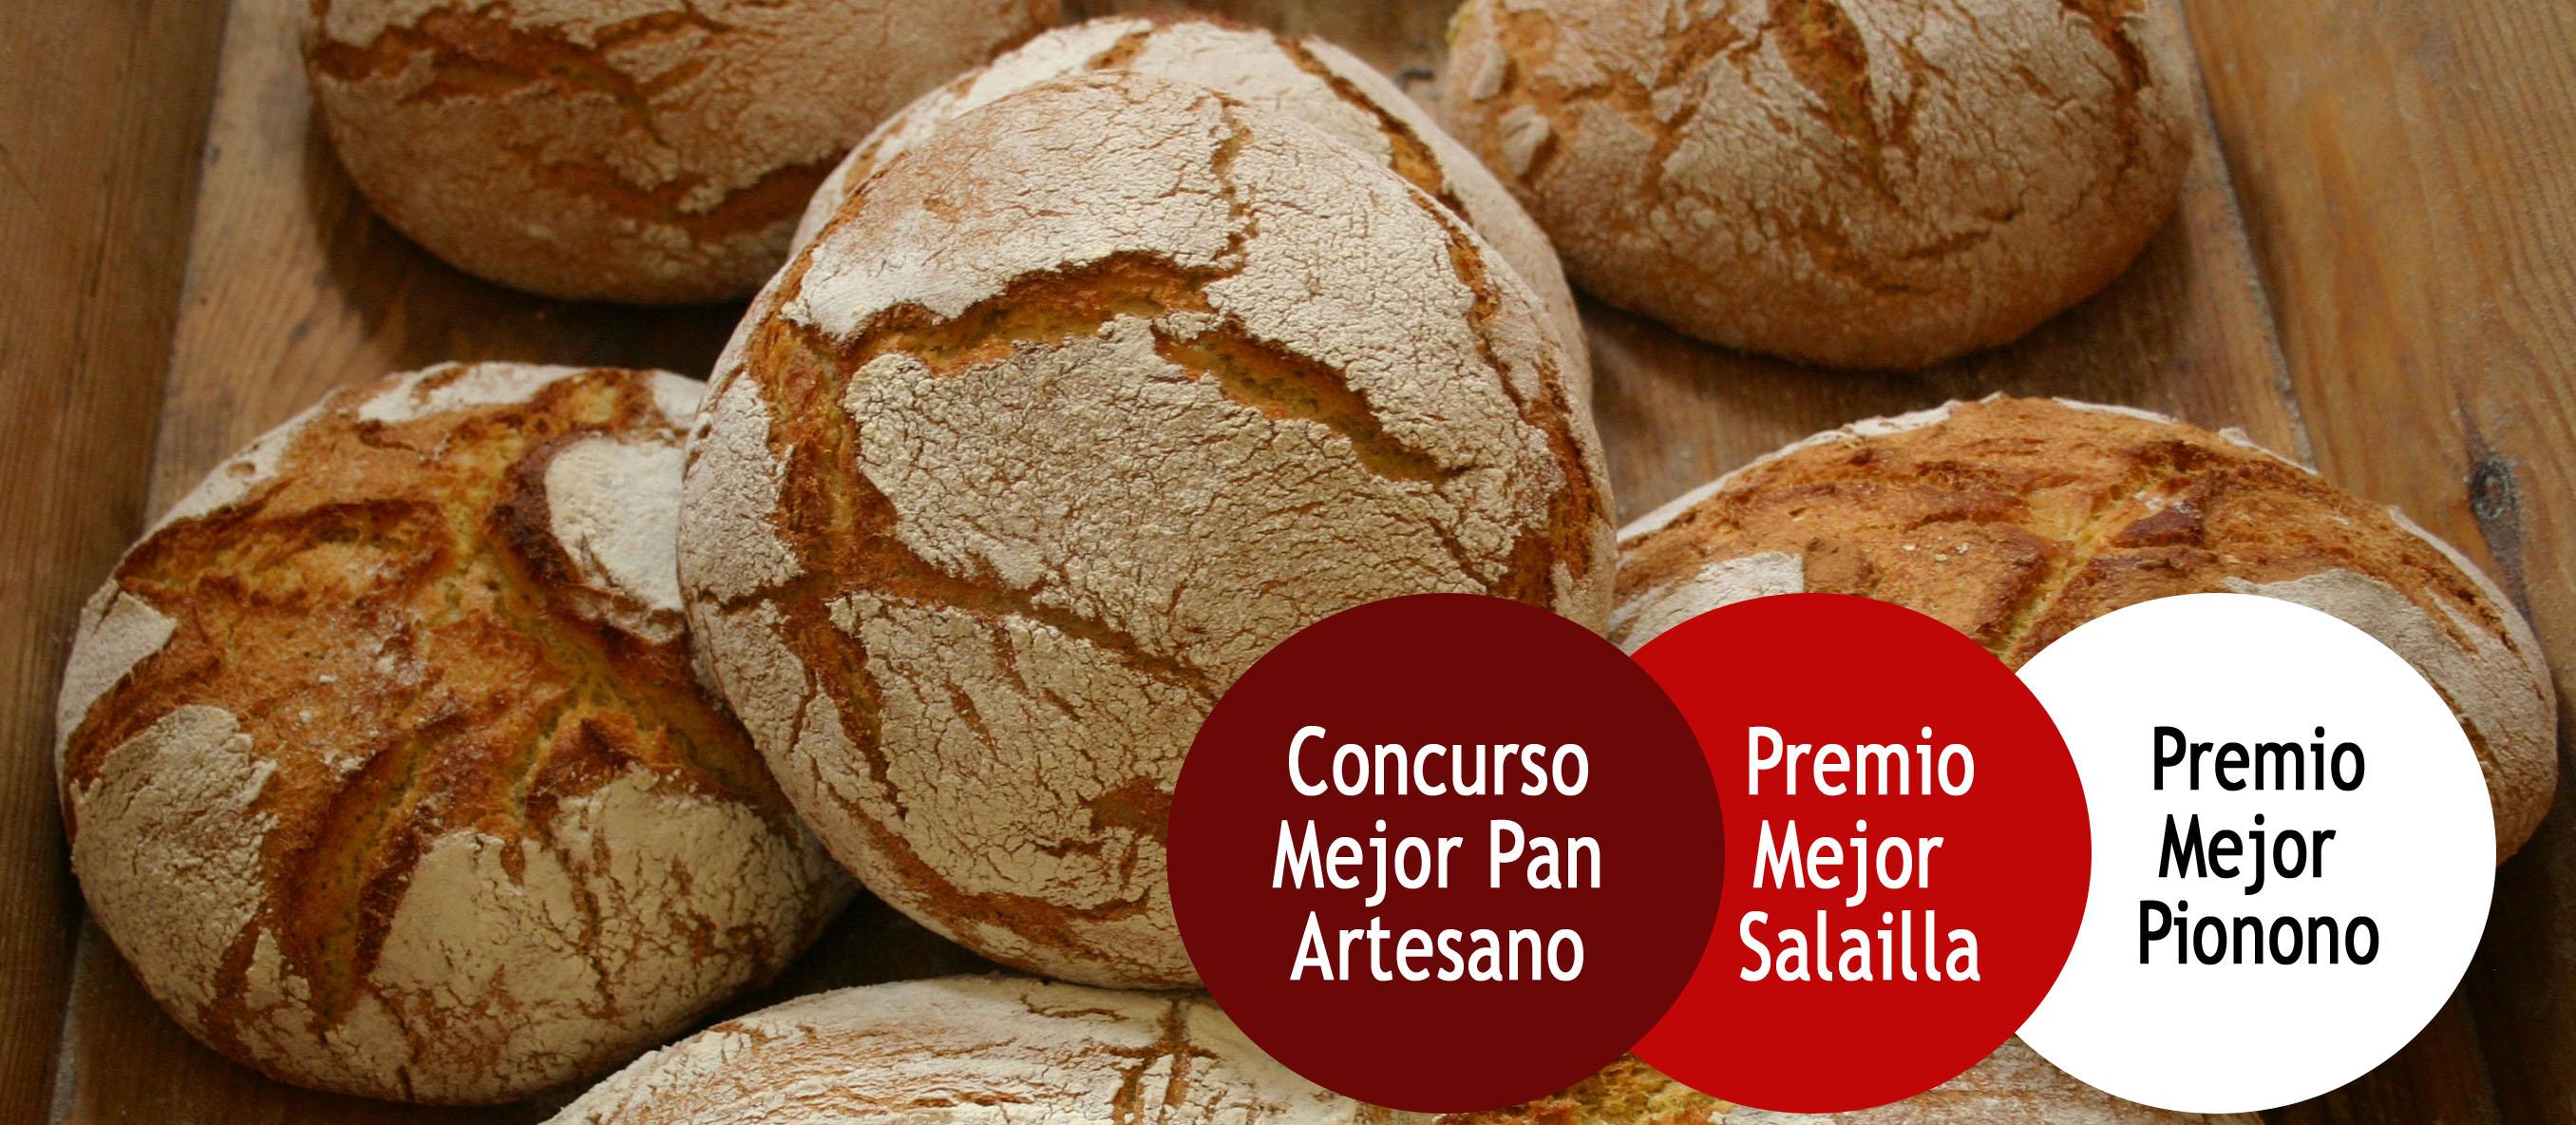 Concurso mejor pan artesano, mejor salailla y mejor pionono